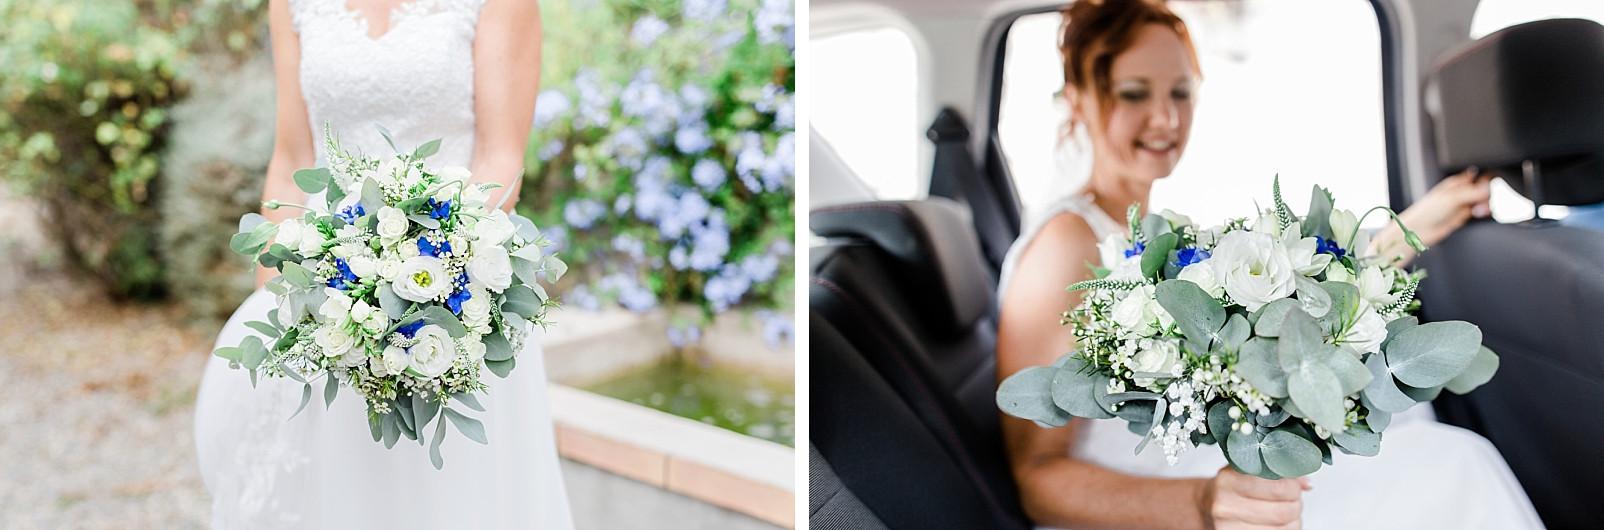 photographe mariage var provence côte d'azur photographe fine art bride bouquet wedding photographer